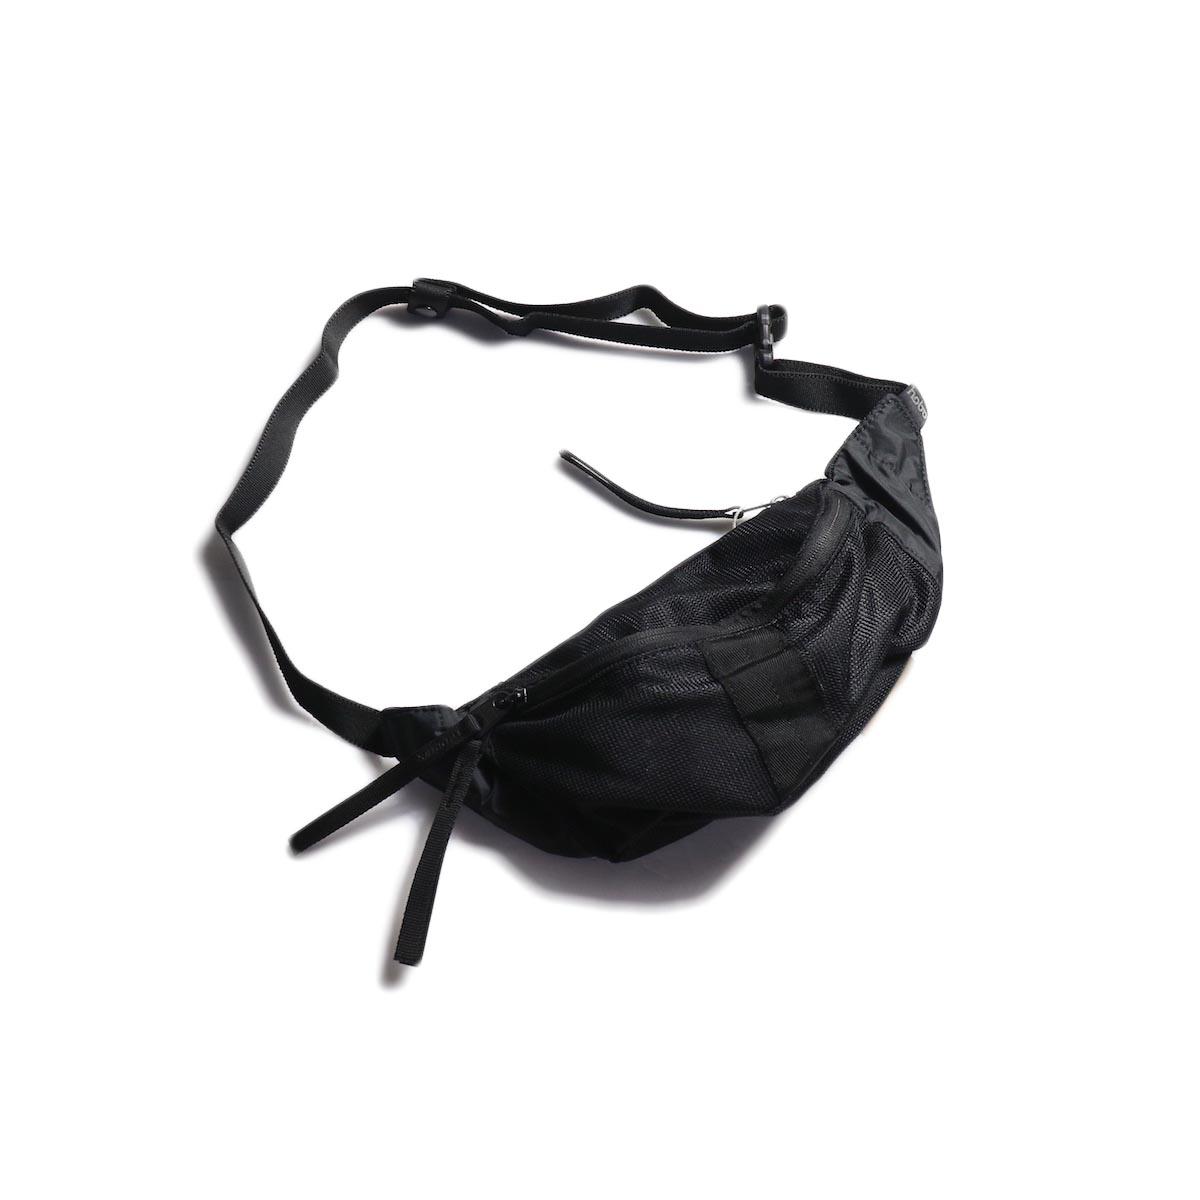 HOBO / Polyester Mesh Waist Bag -Black